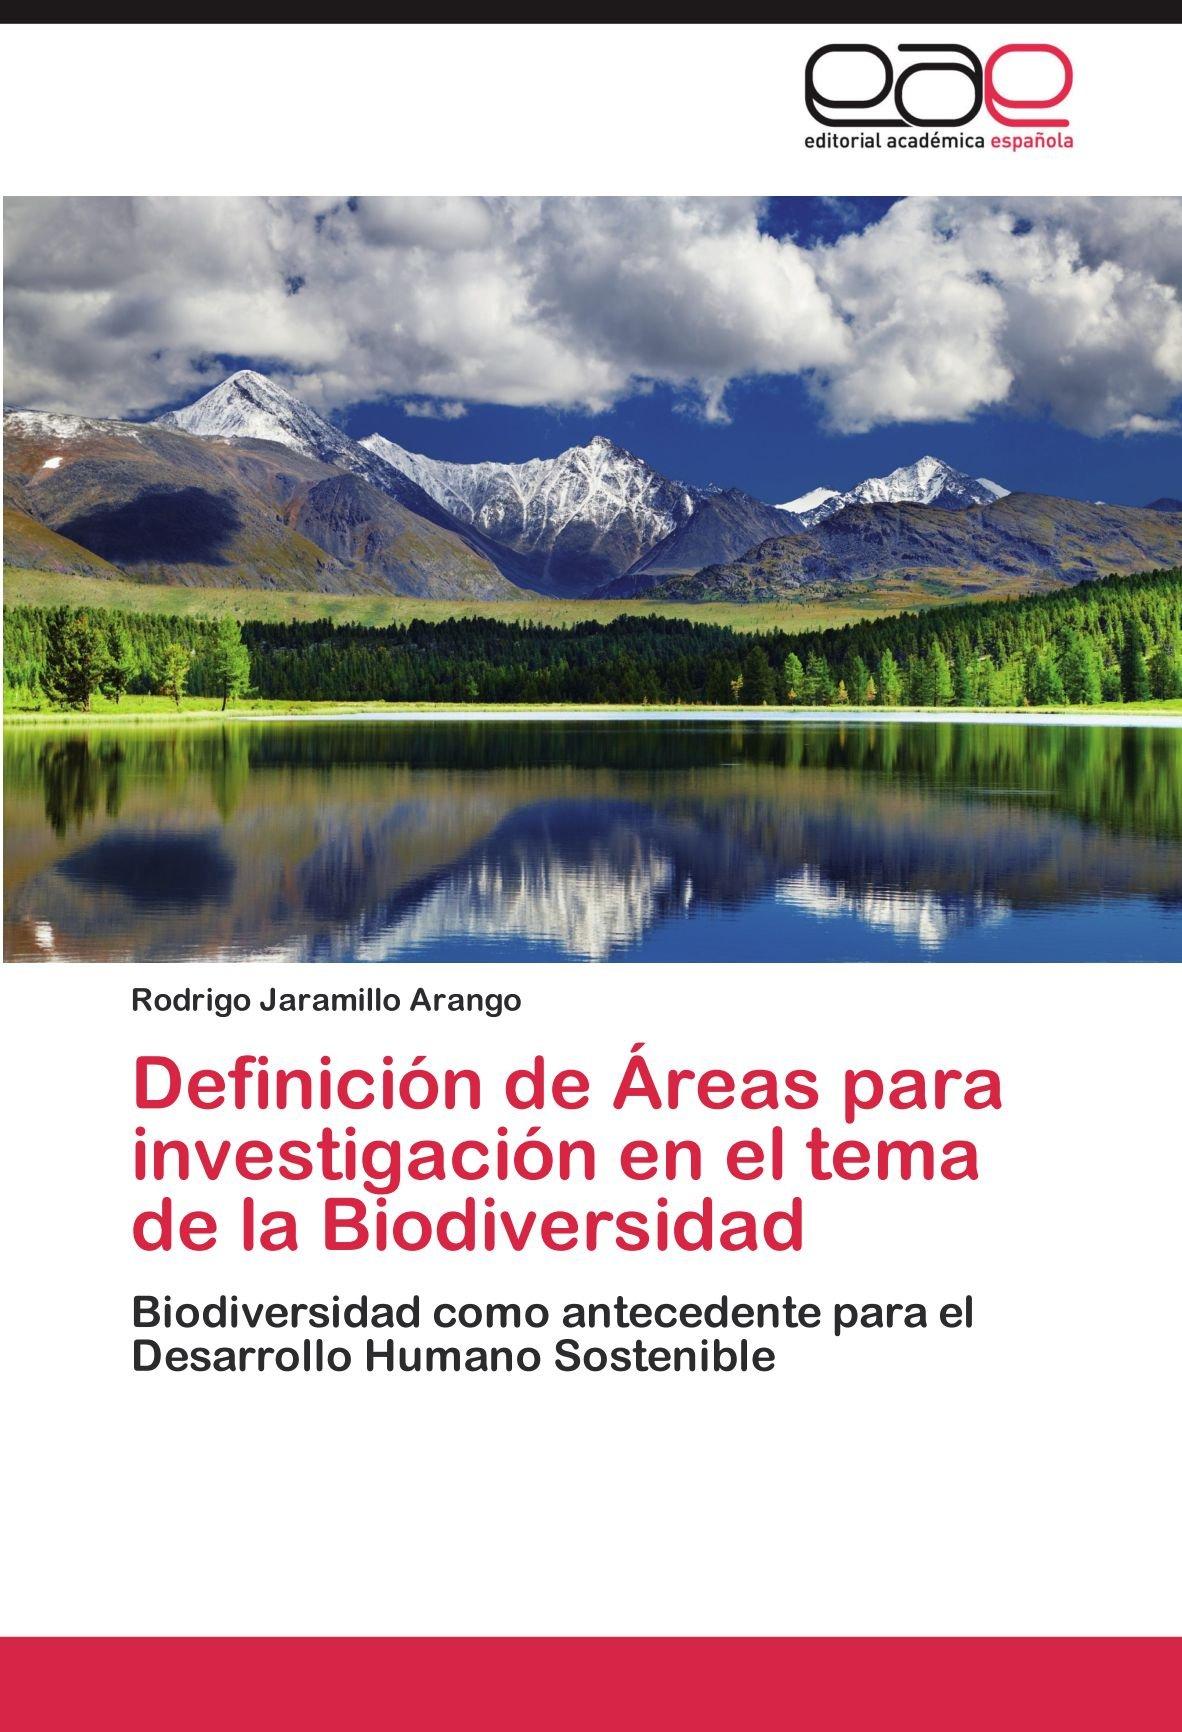 Download Definición de Áreas para investigación en el tema de la Biodiversidad: Biodiversidad como antecedente para el Desarrollo Humano Sostenible (Spanish Edition) PDF